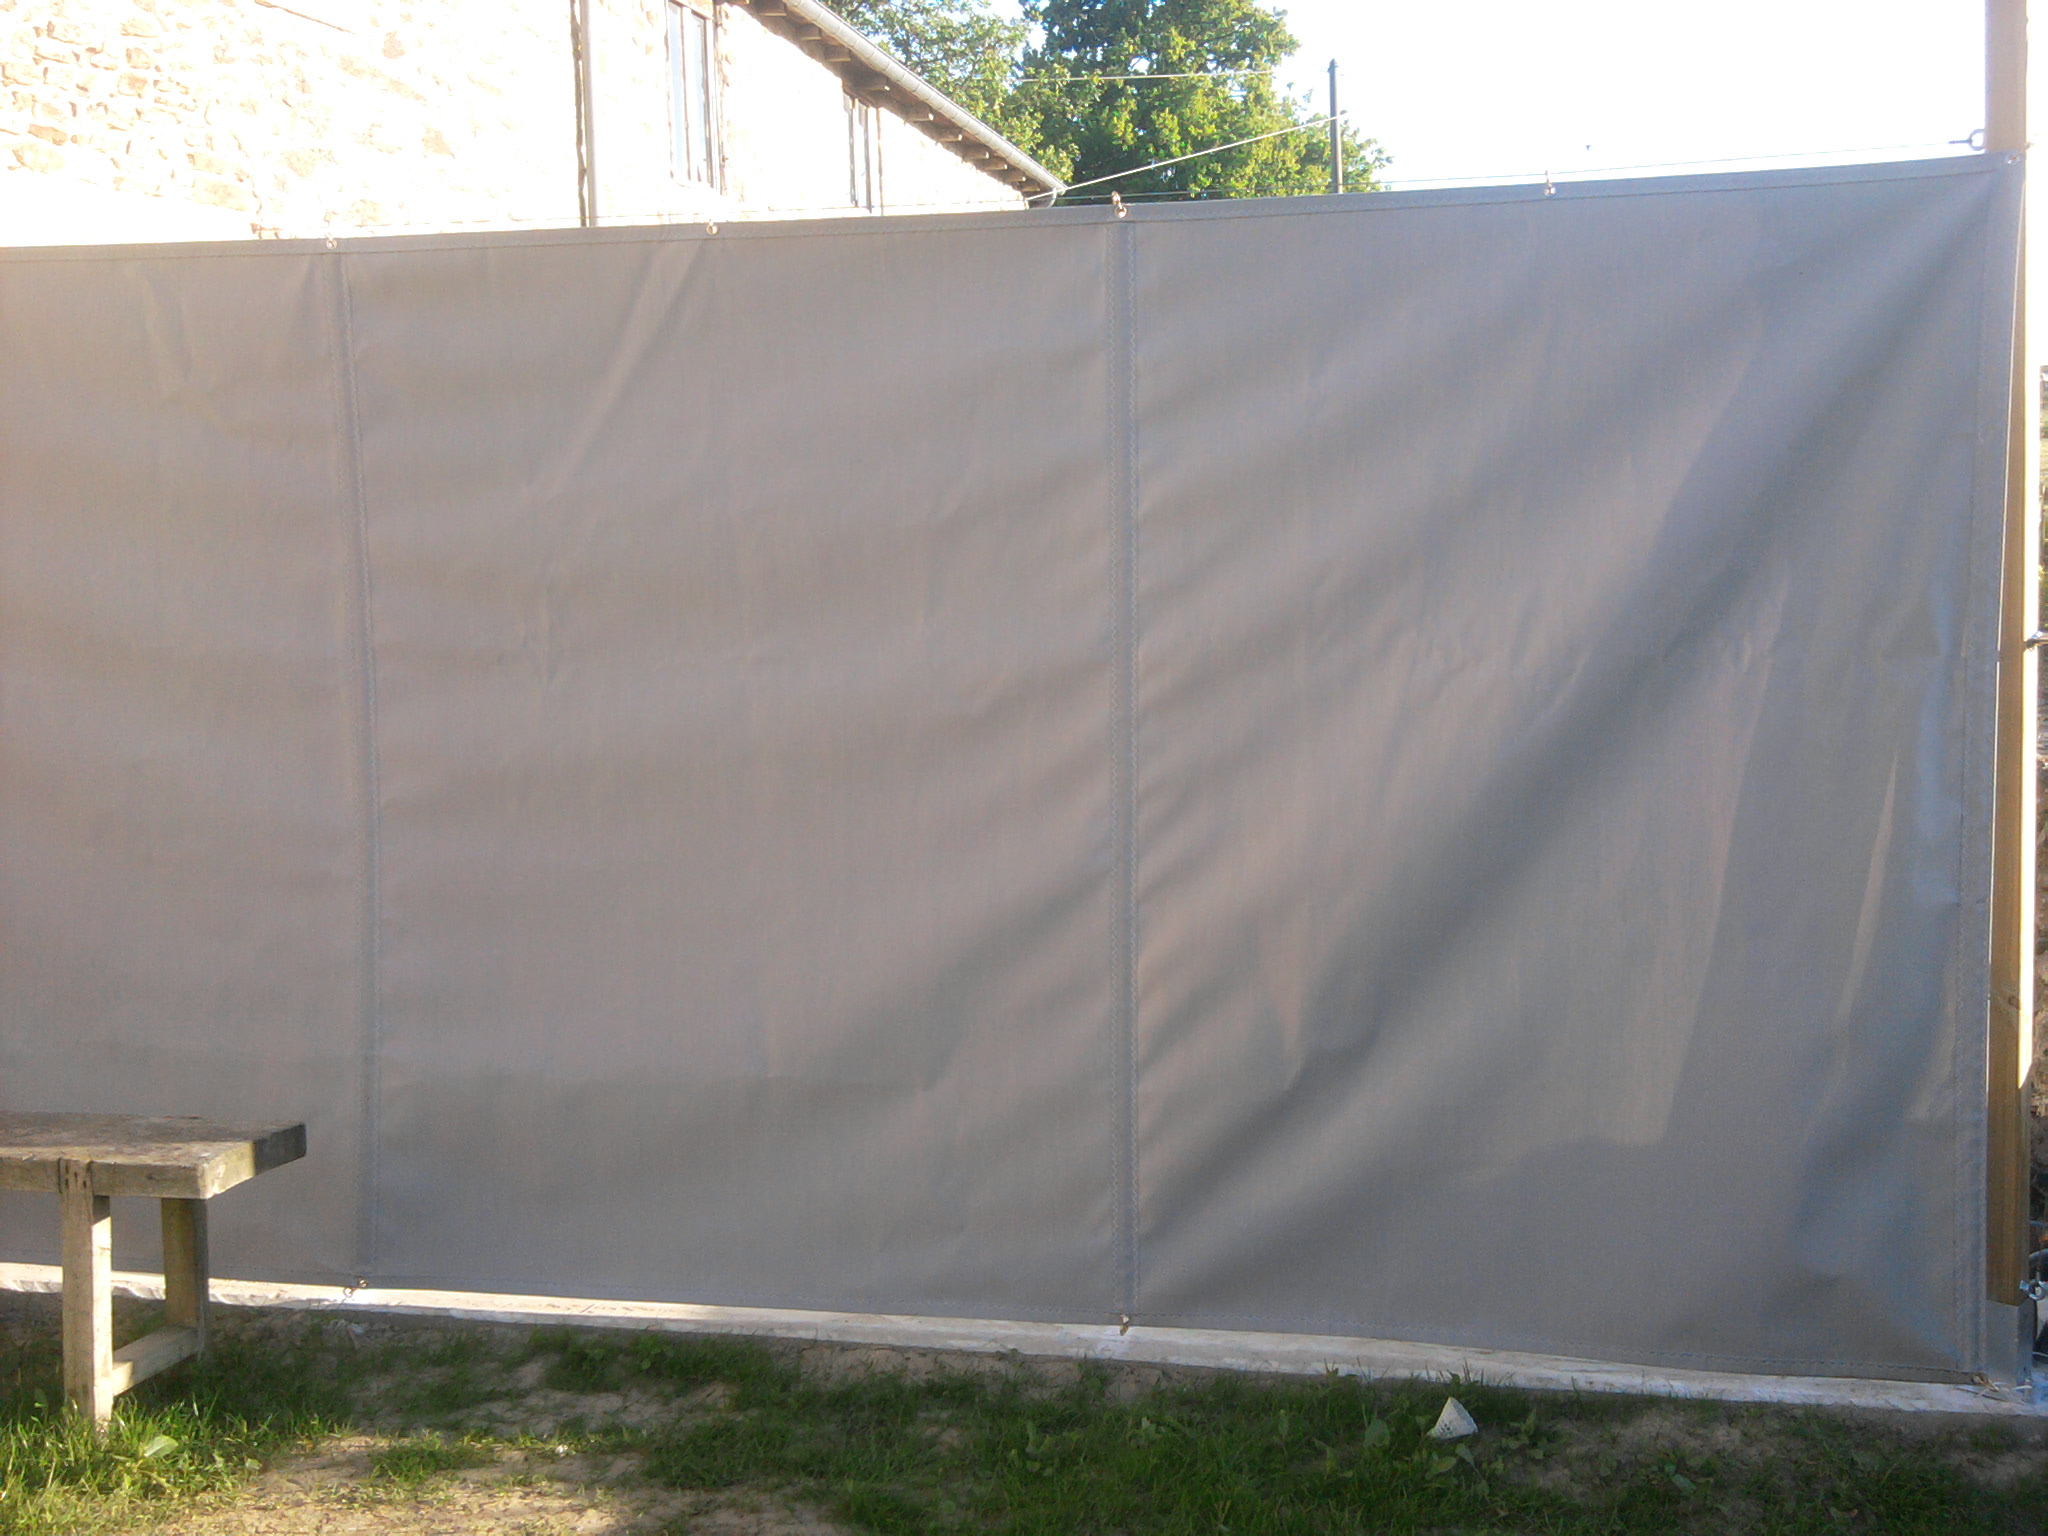 panneau coup vent pour terrasse voilerie nozo. Black Bedroom Furniture Sets. Home Design Ideas